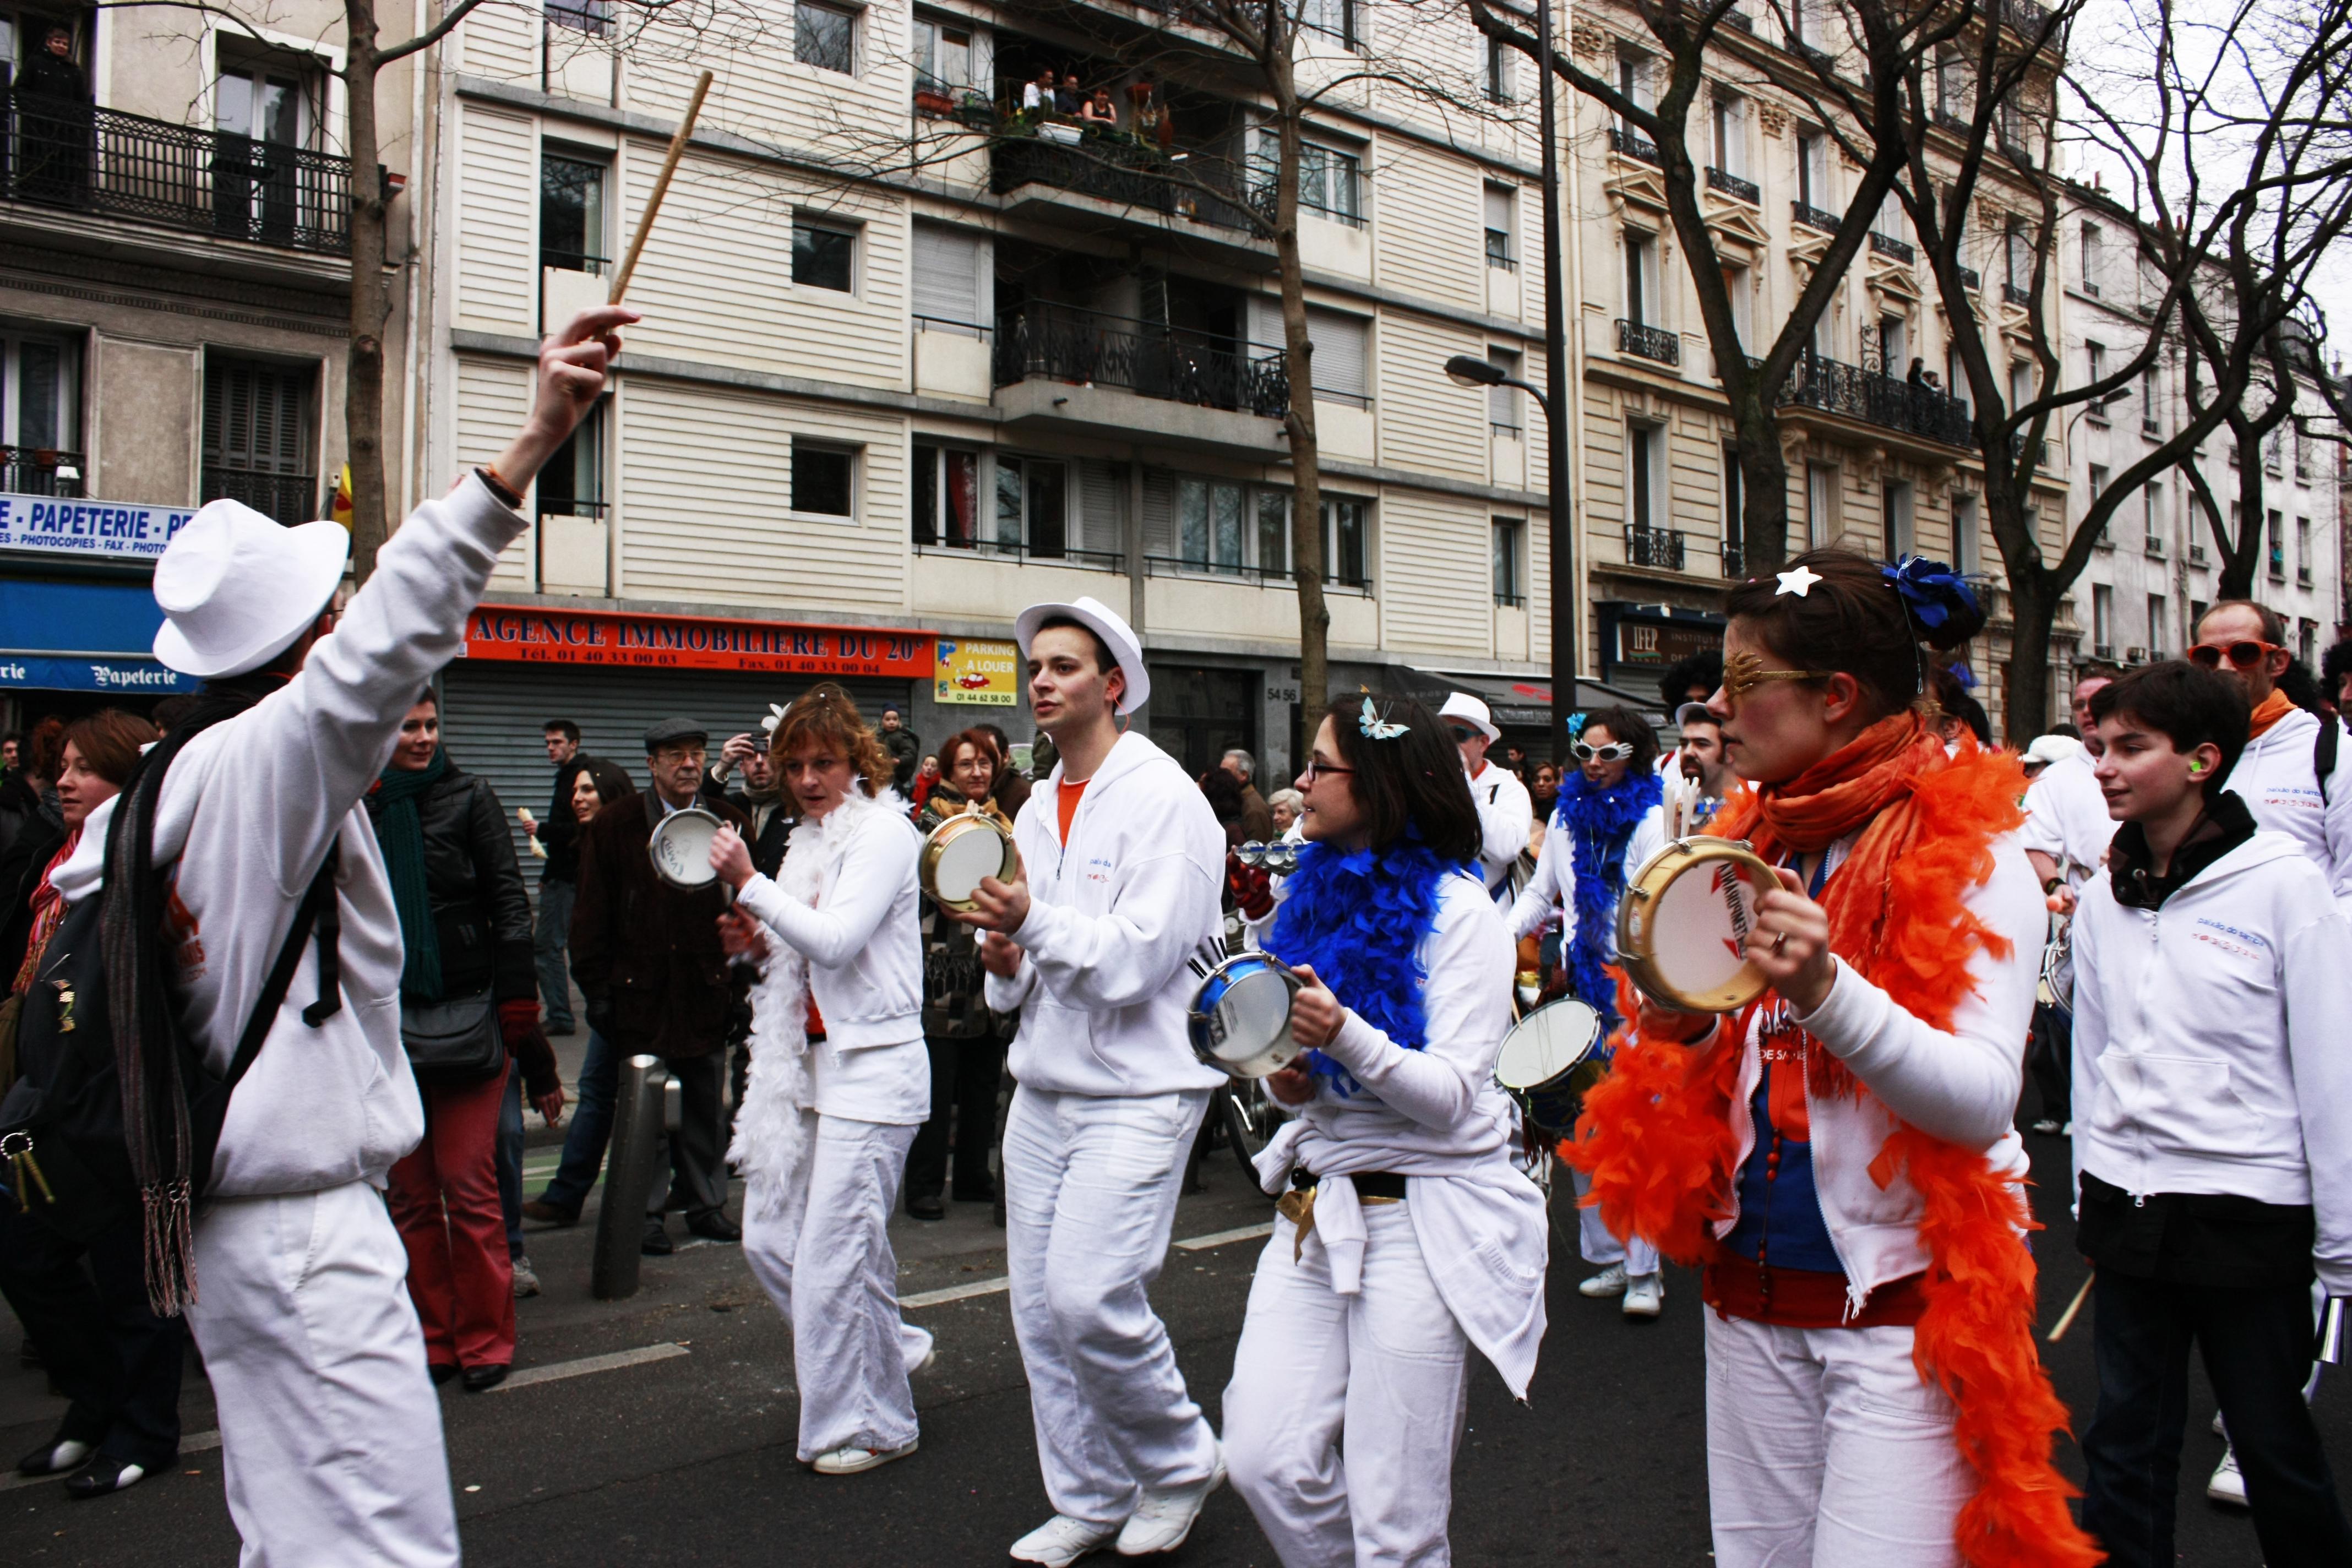 Carnaval Venise 2009   Michel VARLET   Flickr